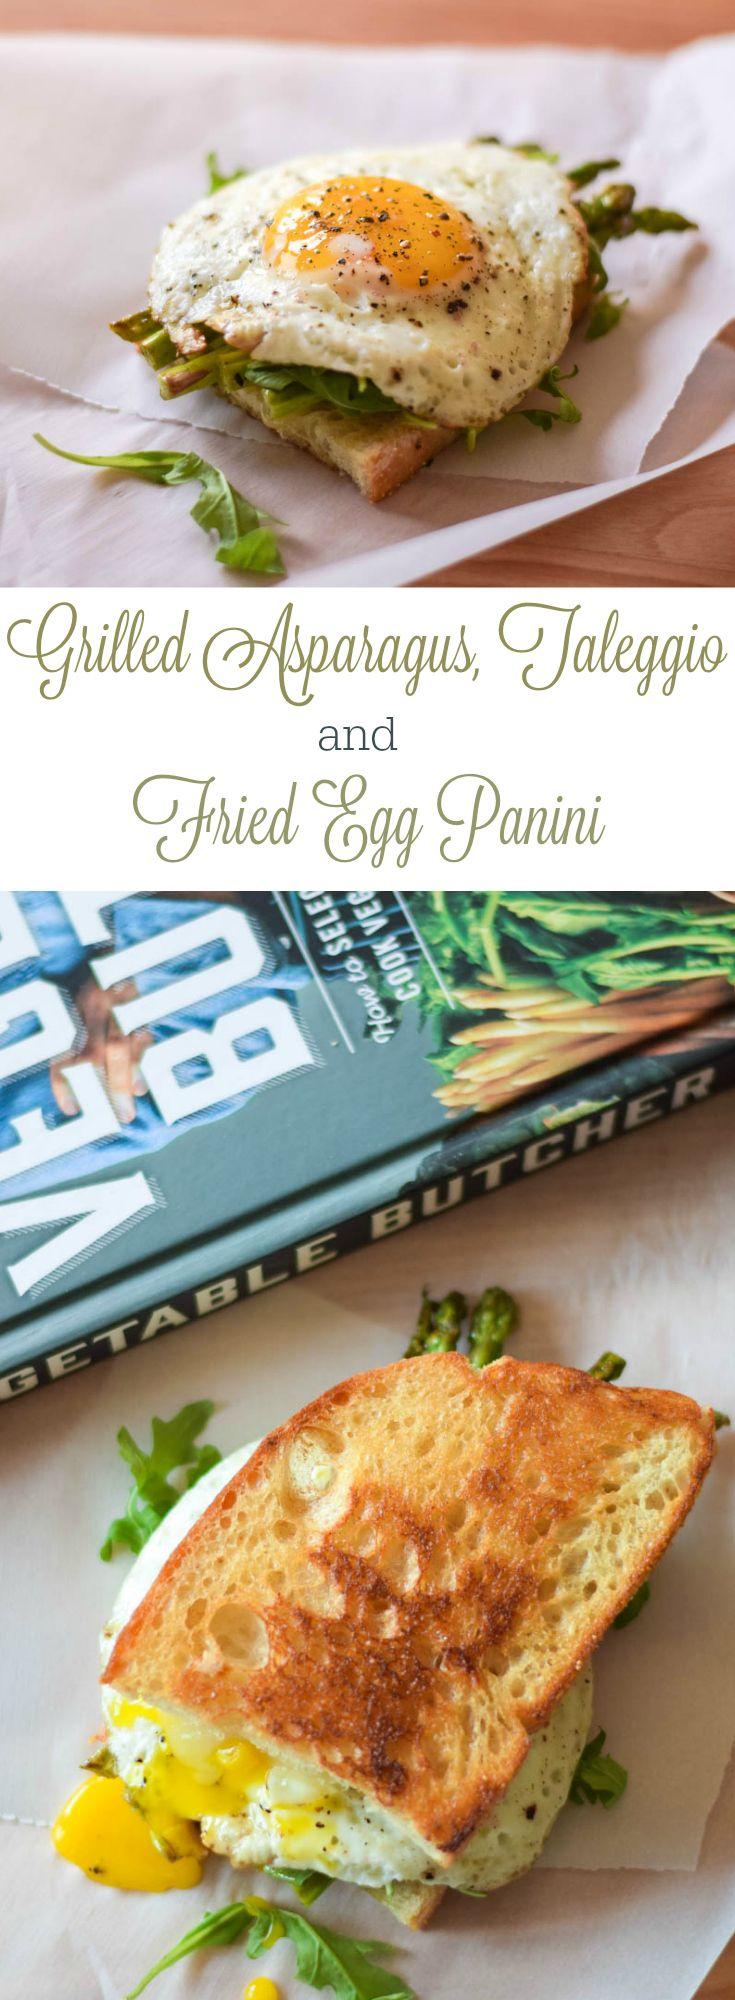 how to make taleggio cheese